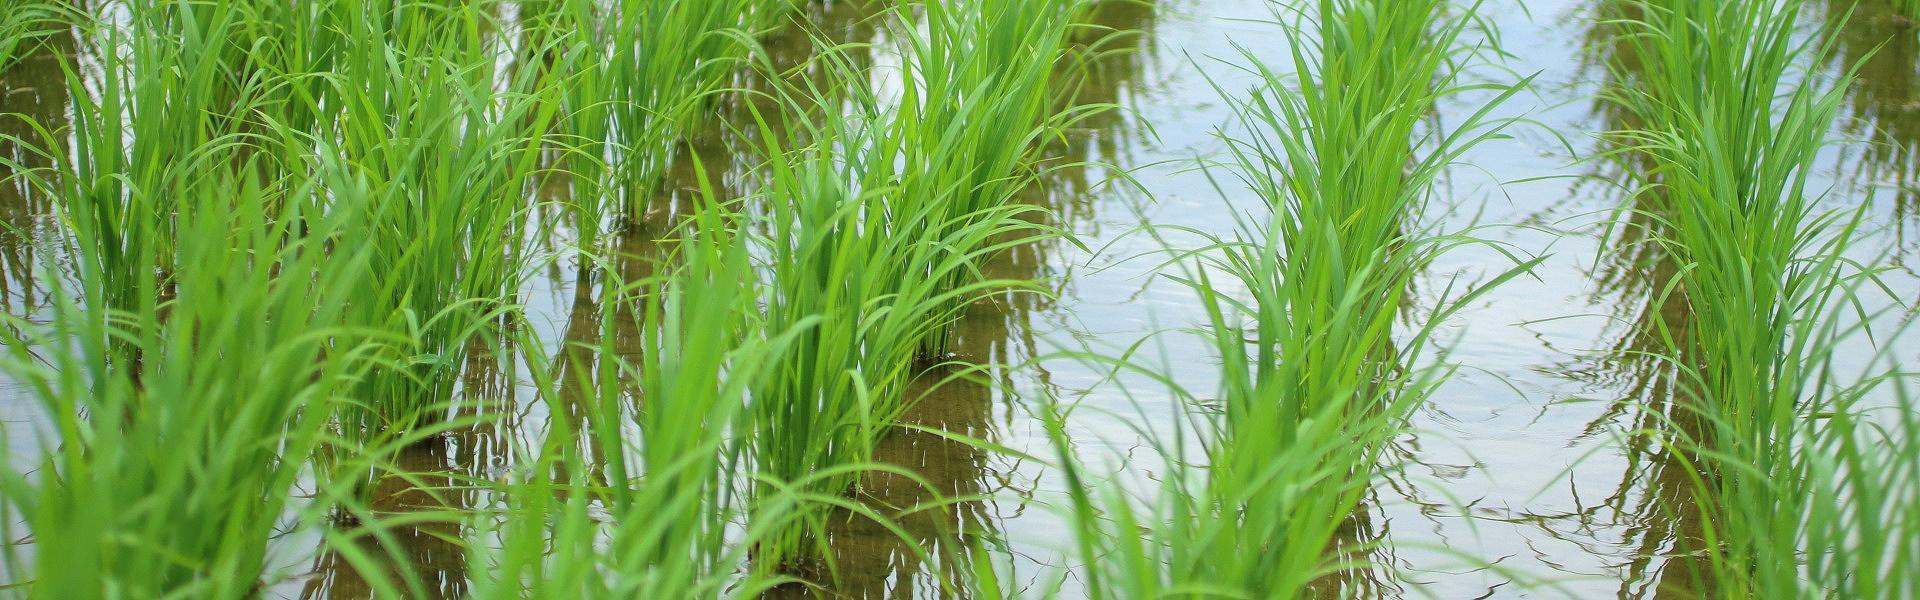 低農薬で安心・安全な米作りを心がけています